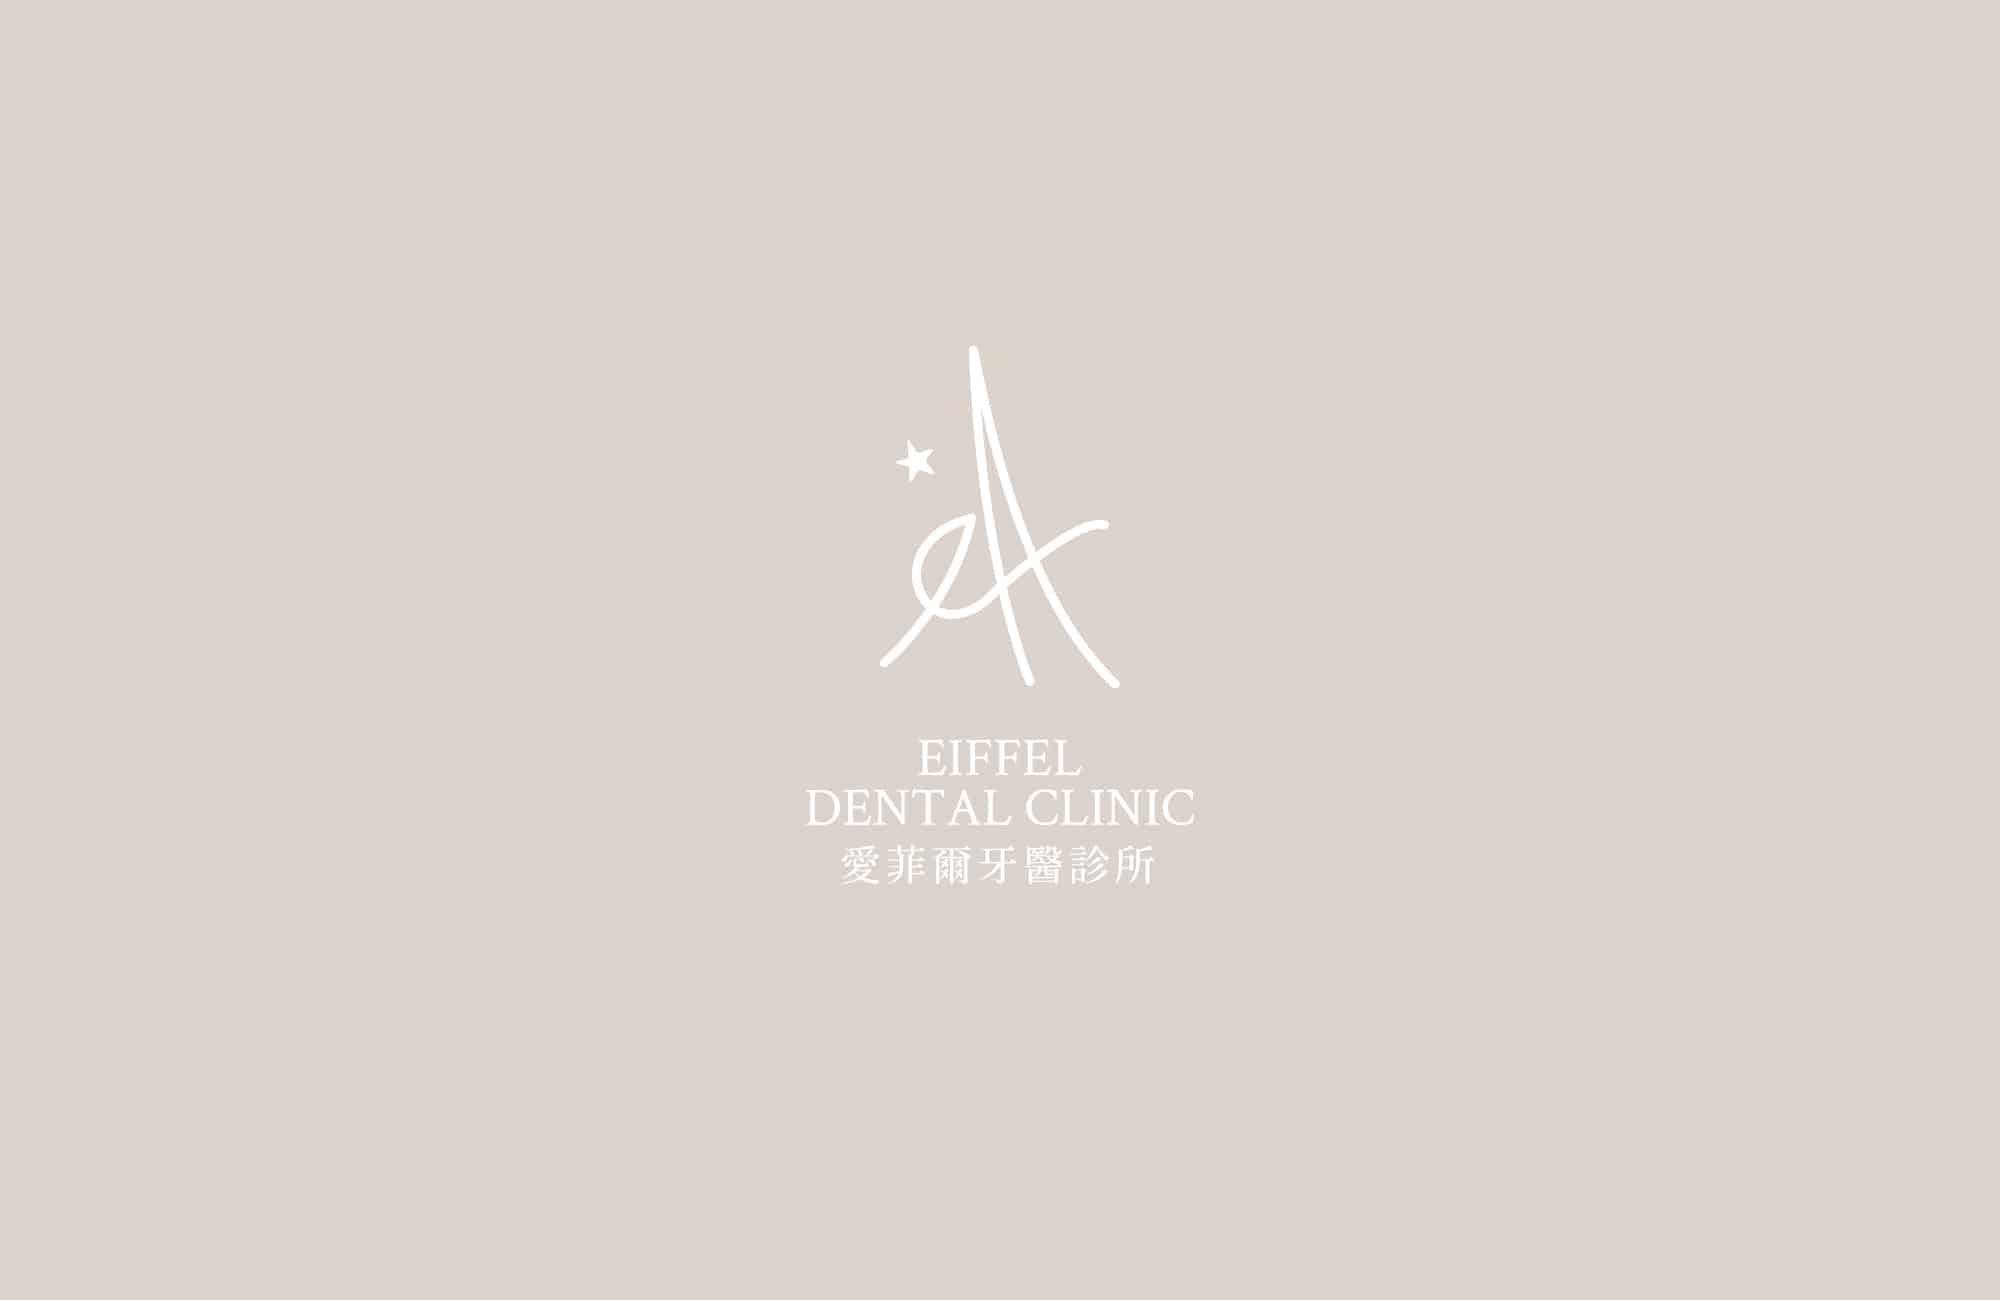 牙醫診所LOGO設計